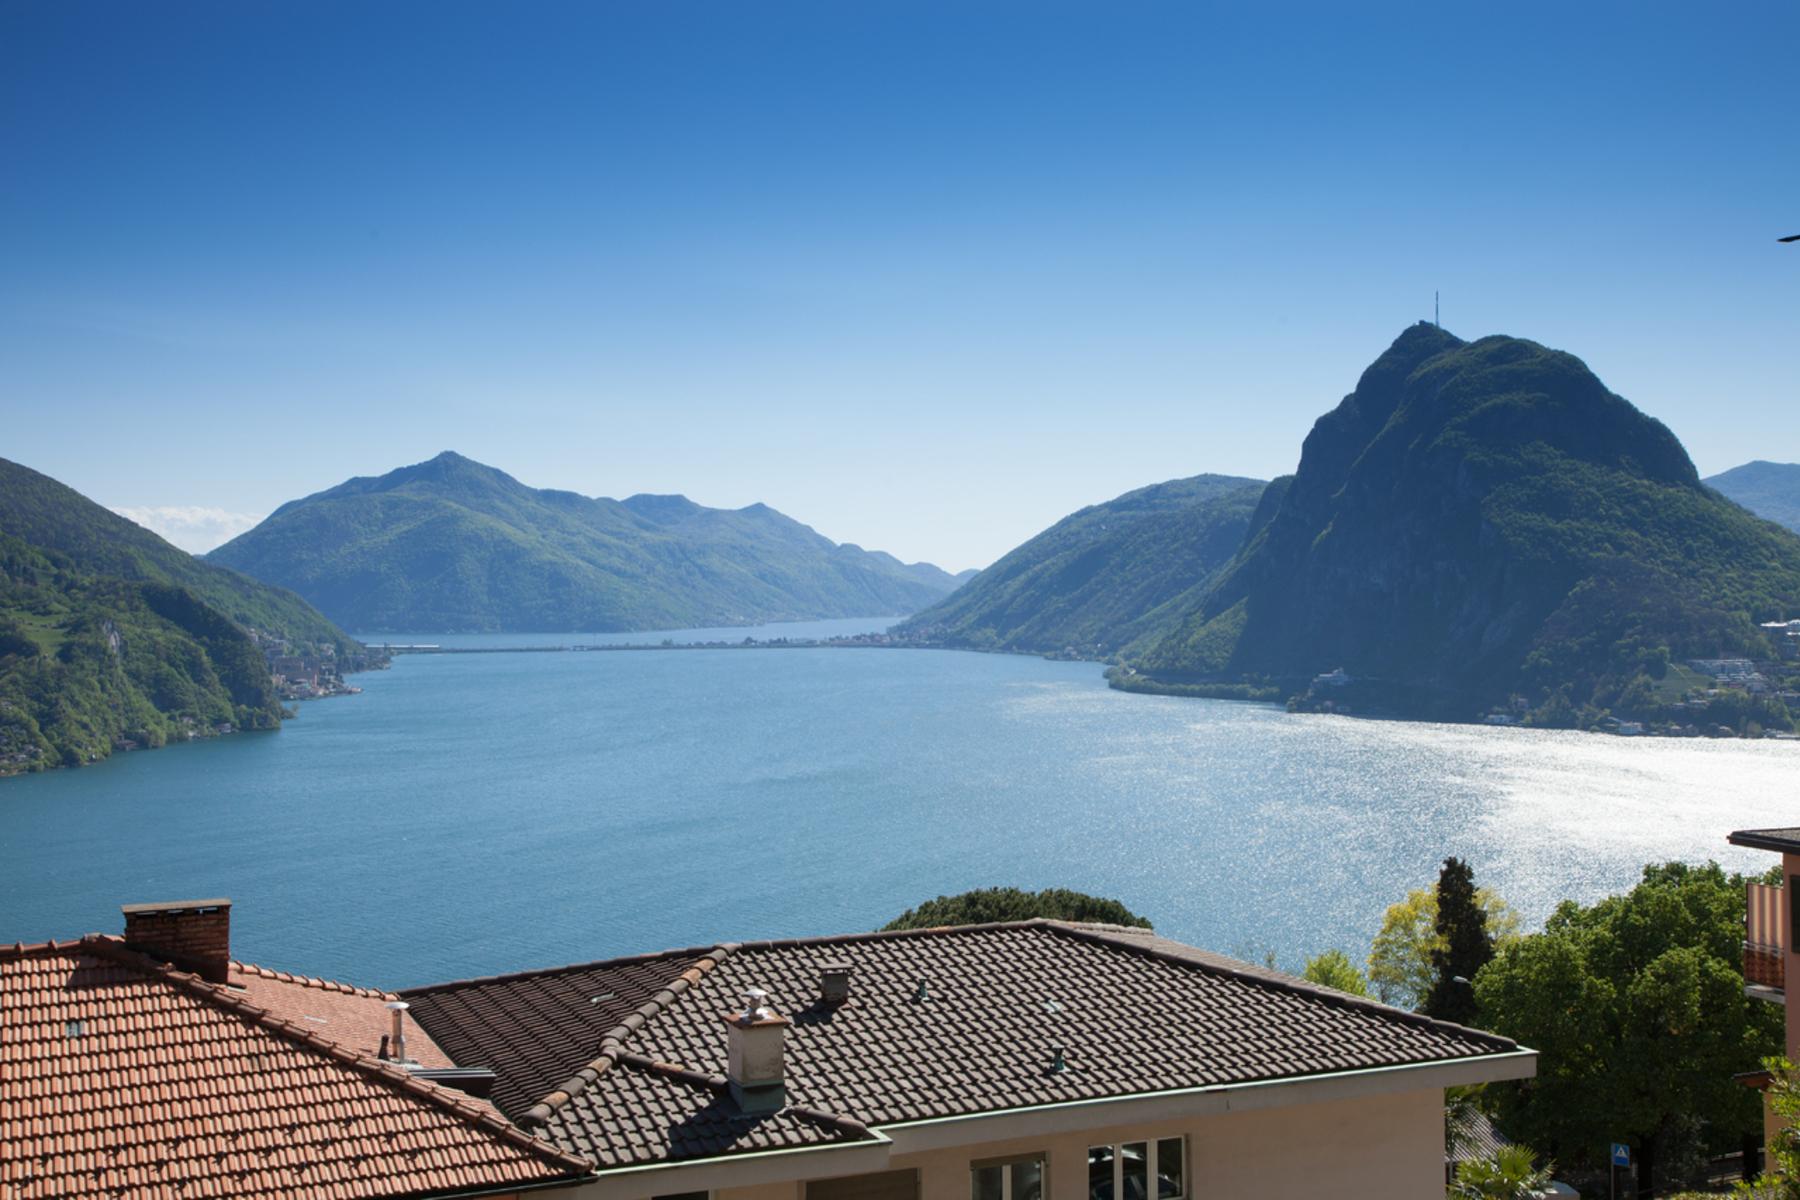 شقة للـ Sale في Exclusive flat with lake view Ruvigliana, Ruvigliana, Ticino, 6977 Switzerland